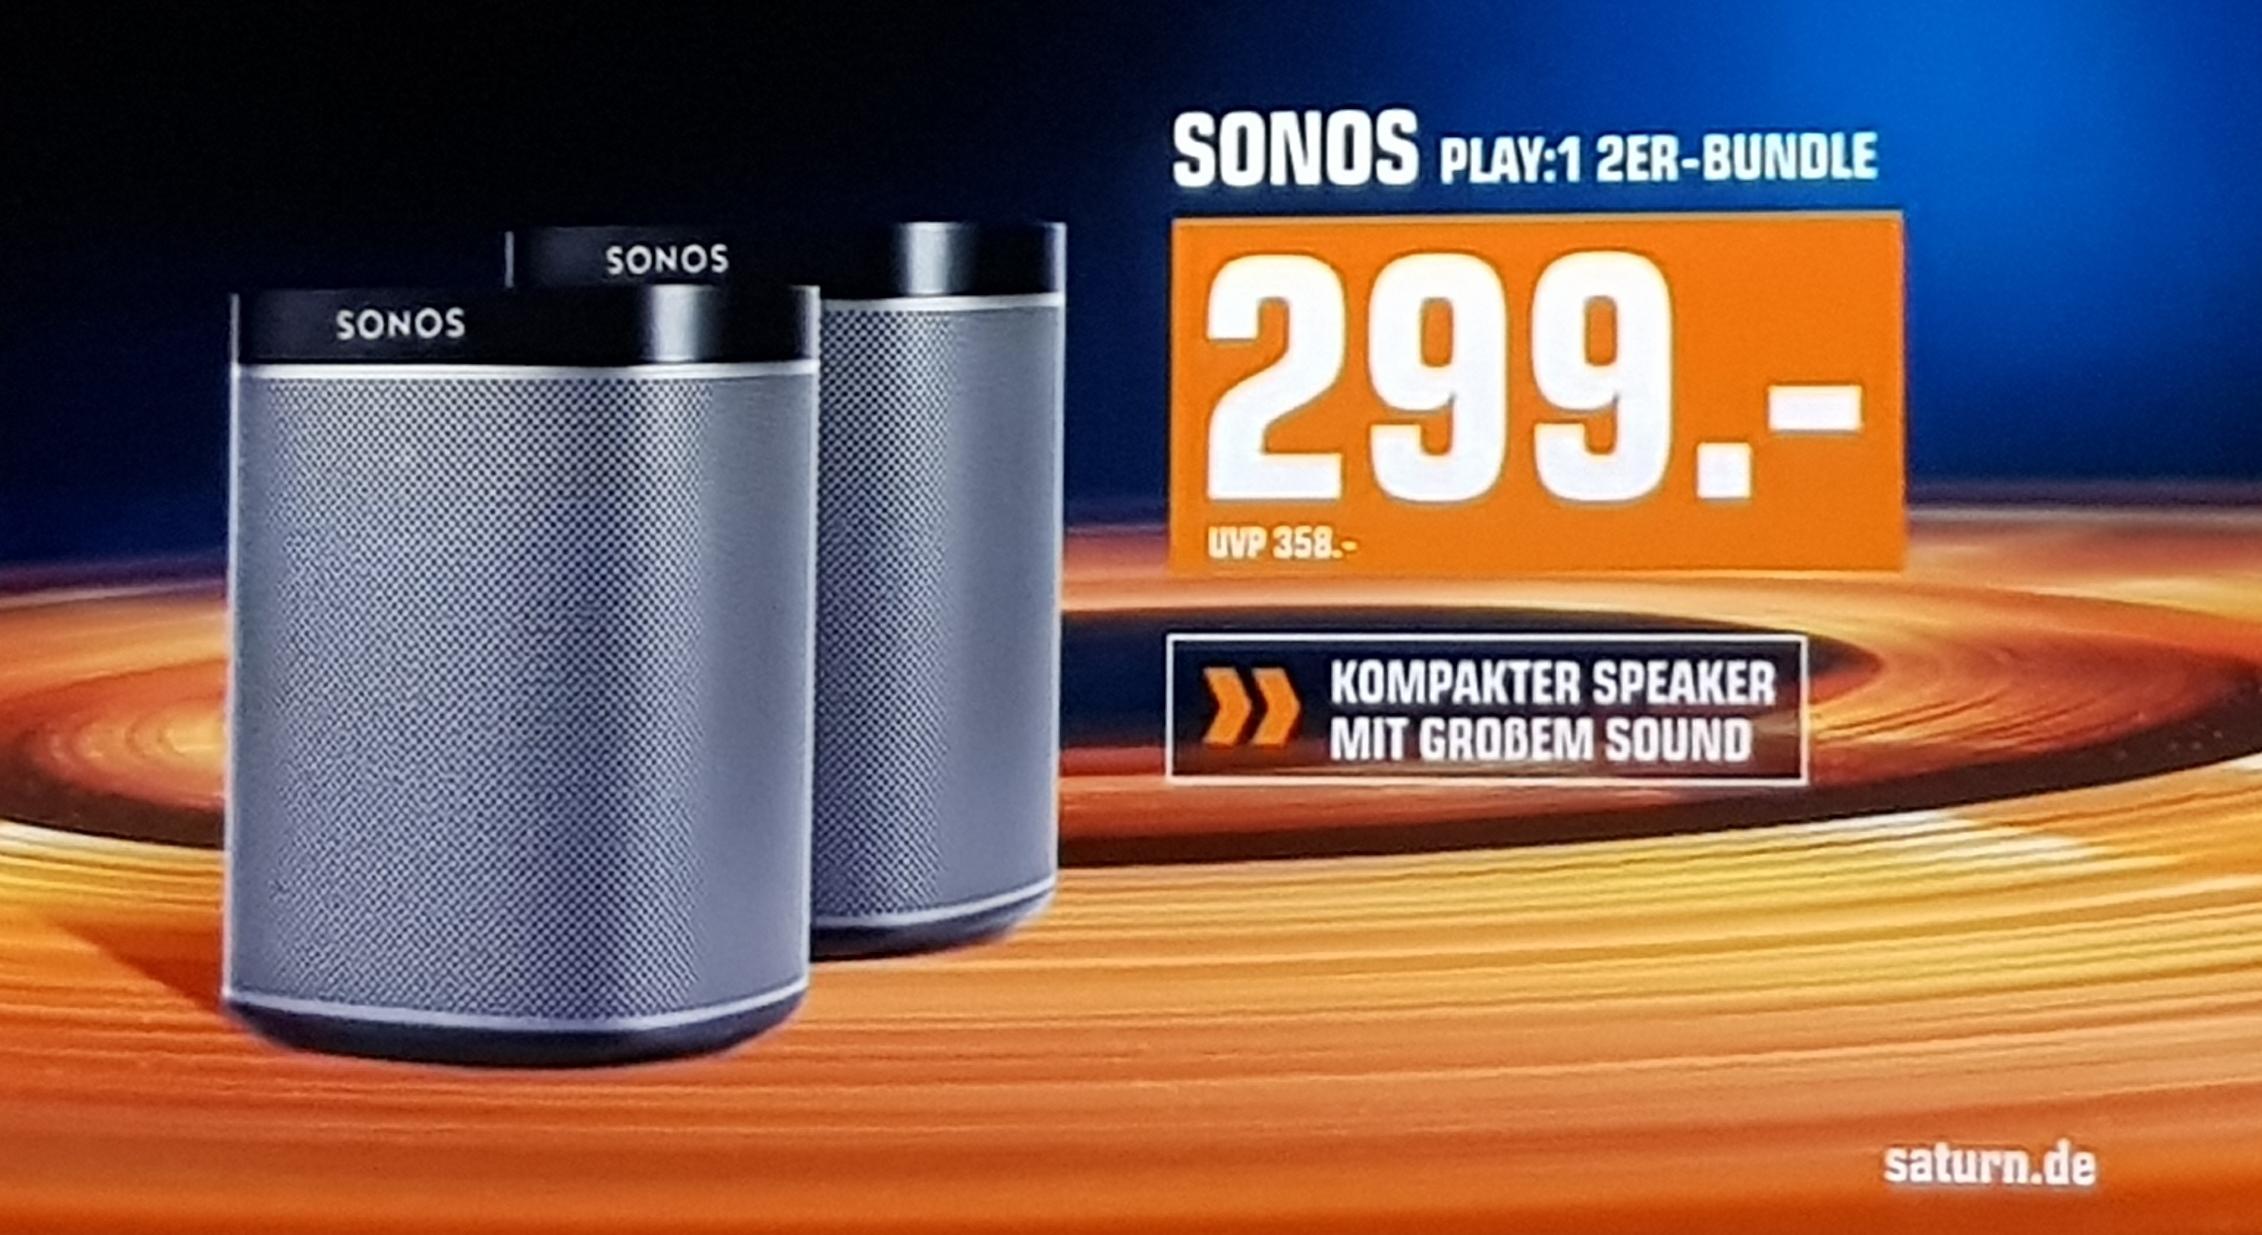 Sonos Play:1 2er Bundle bei Saturn Multiroom Speaker schwarz oder weiß - lokal teilweise noch zu bekommen